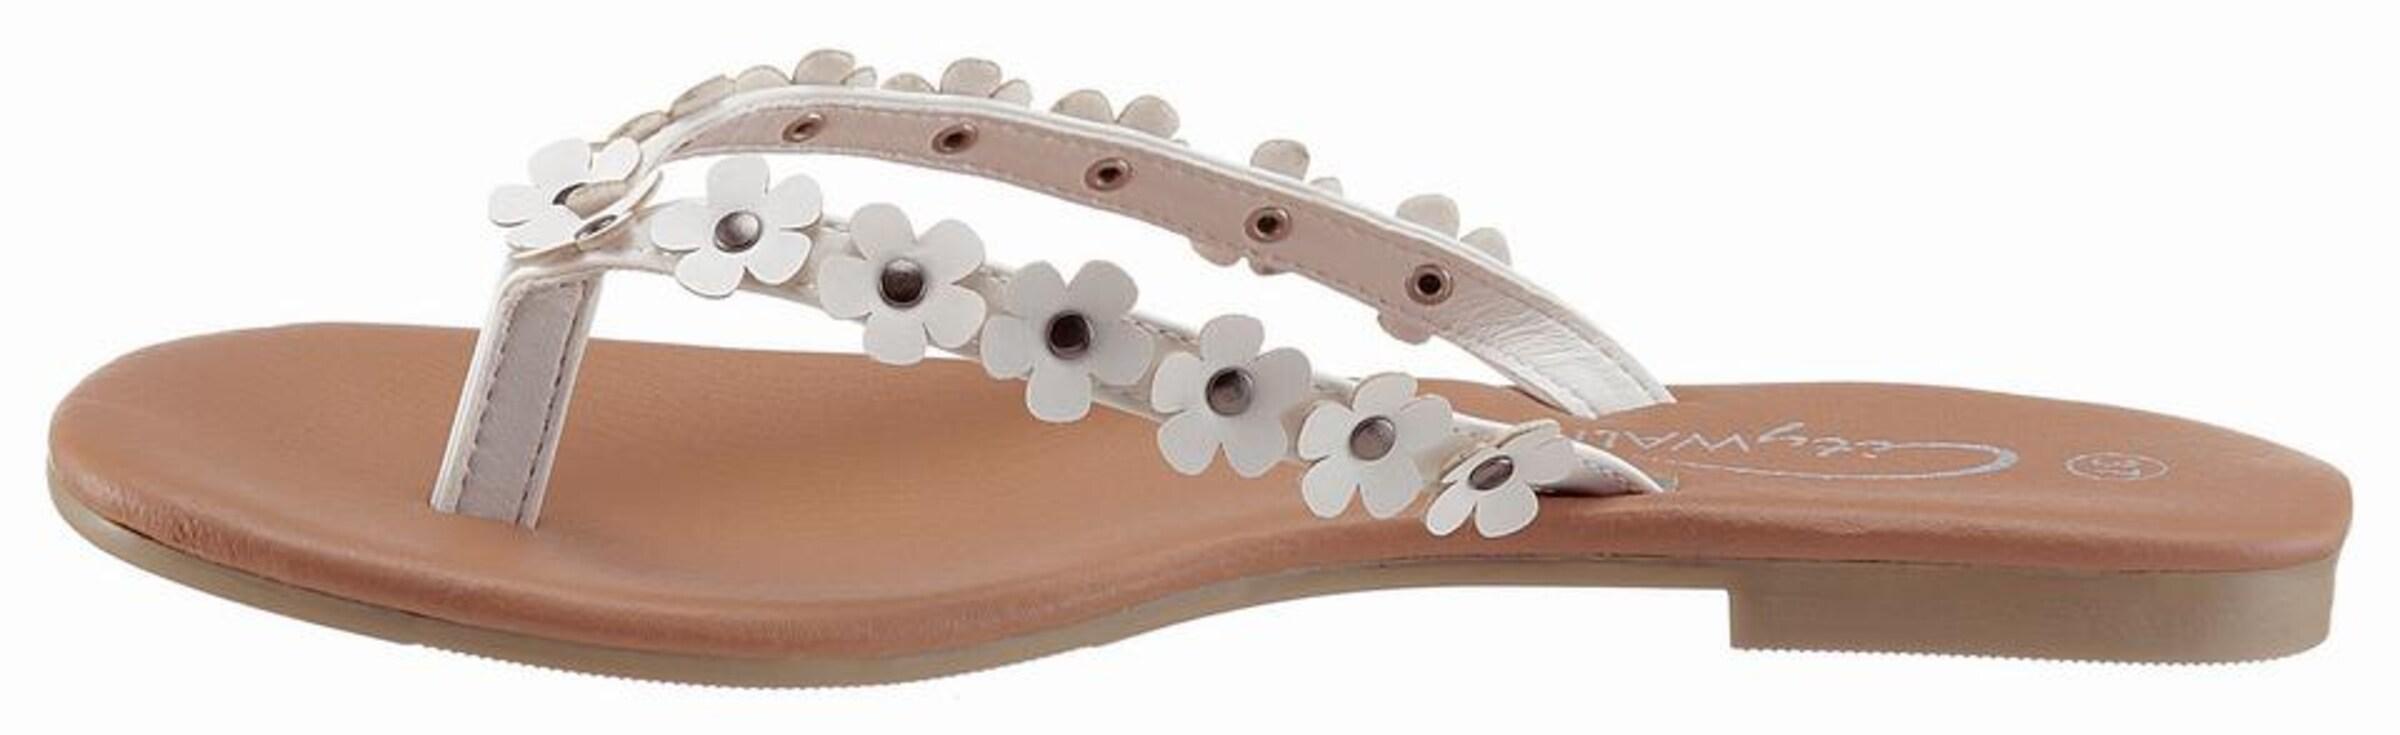 CITY WALK Zehentrenner Verschleißfeste billige Schuhe